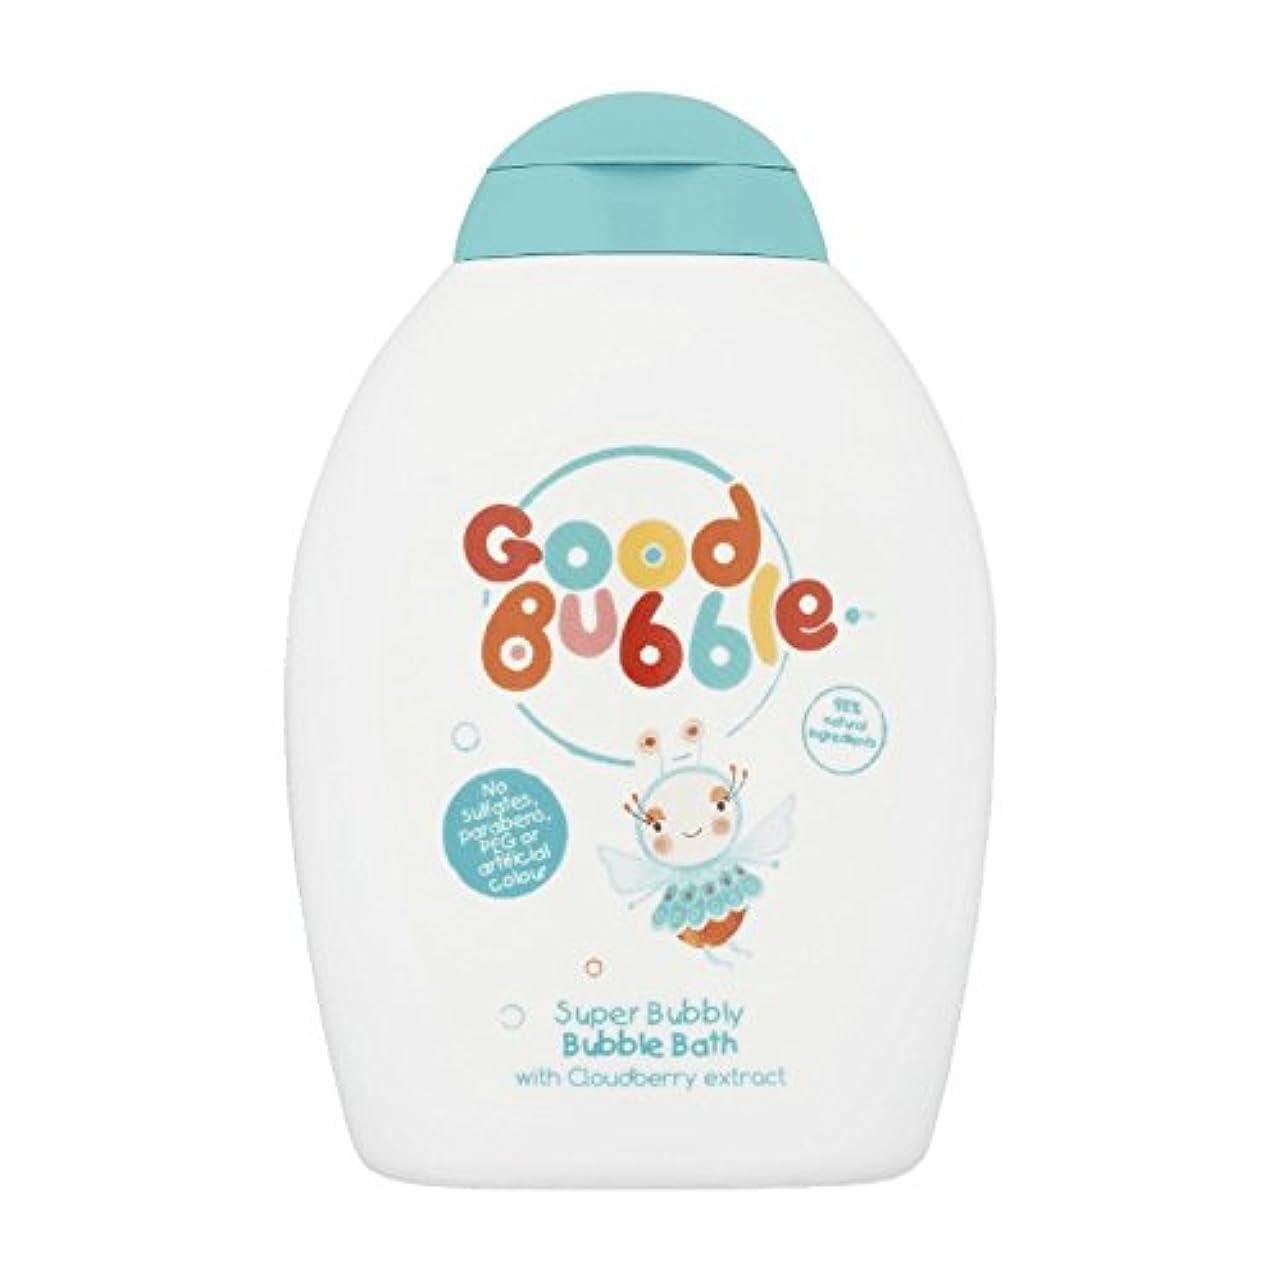 パテ大騒ぎ人物Good Bubble Cloudberry Bubble Bath 400ml (Pack of 6) - 良いバブルクラウドベリーバブルバス400ミリリットル (x6) [並行輸入品]